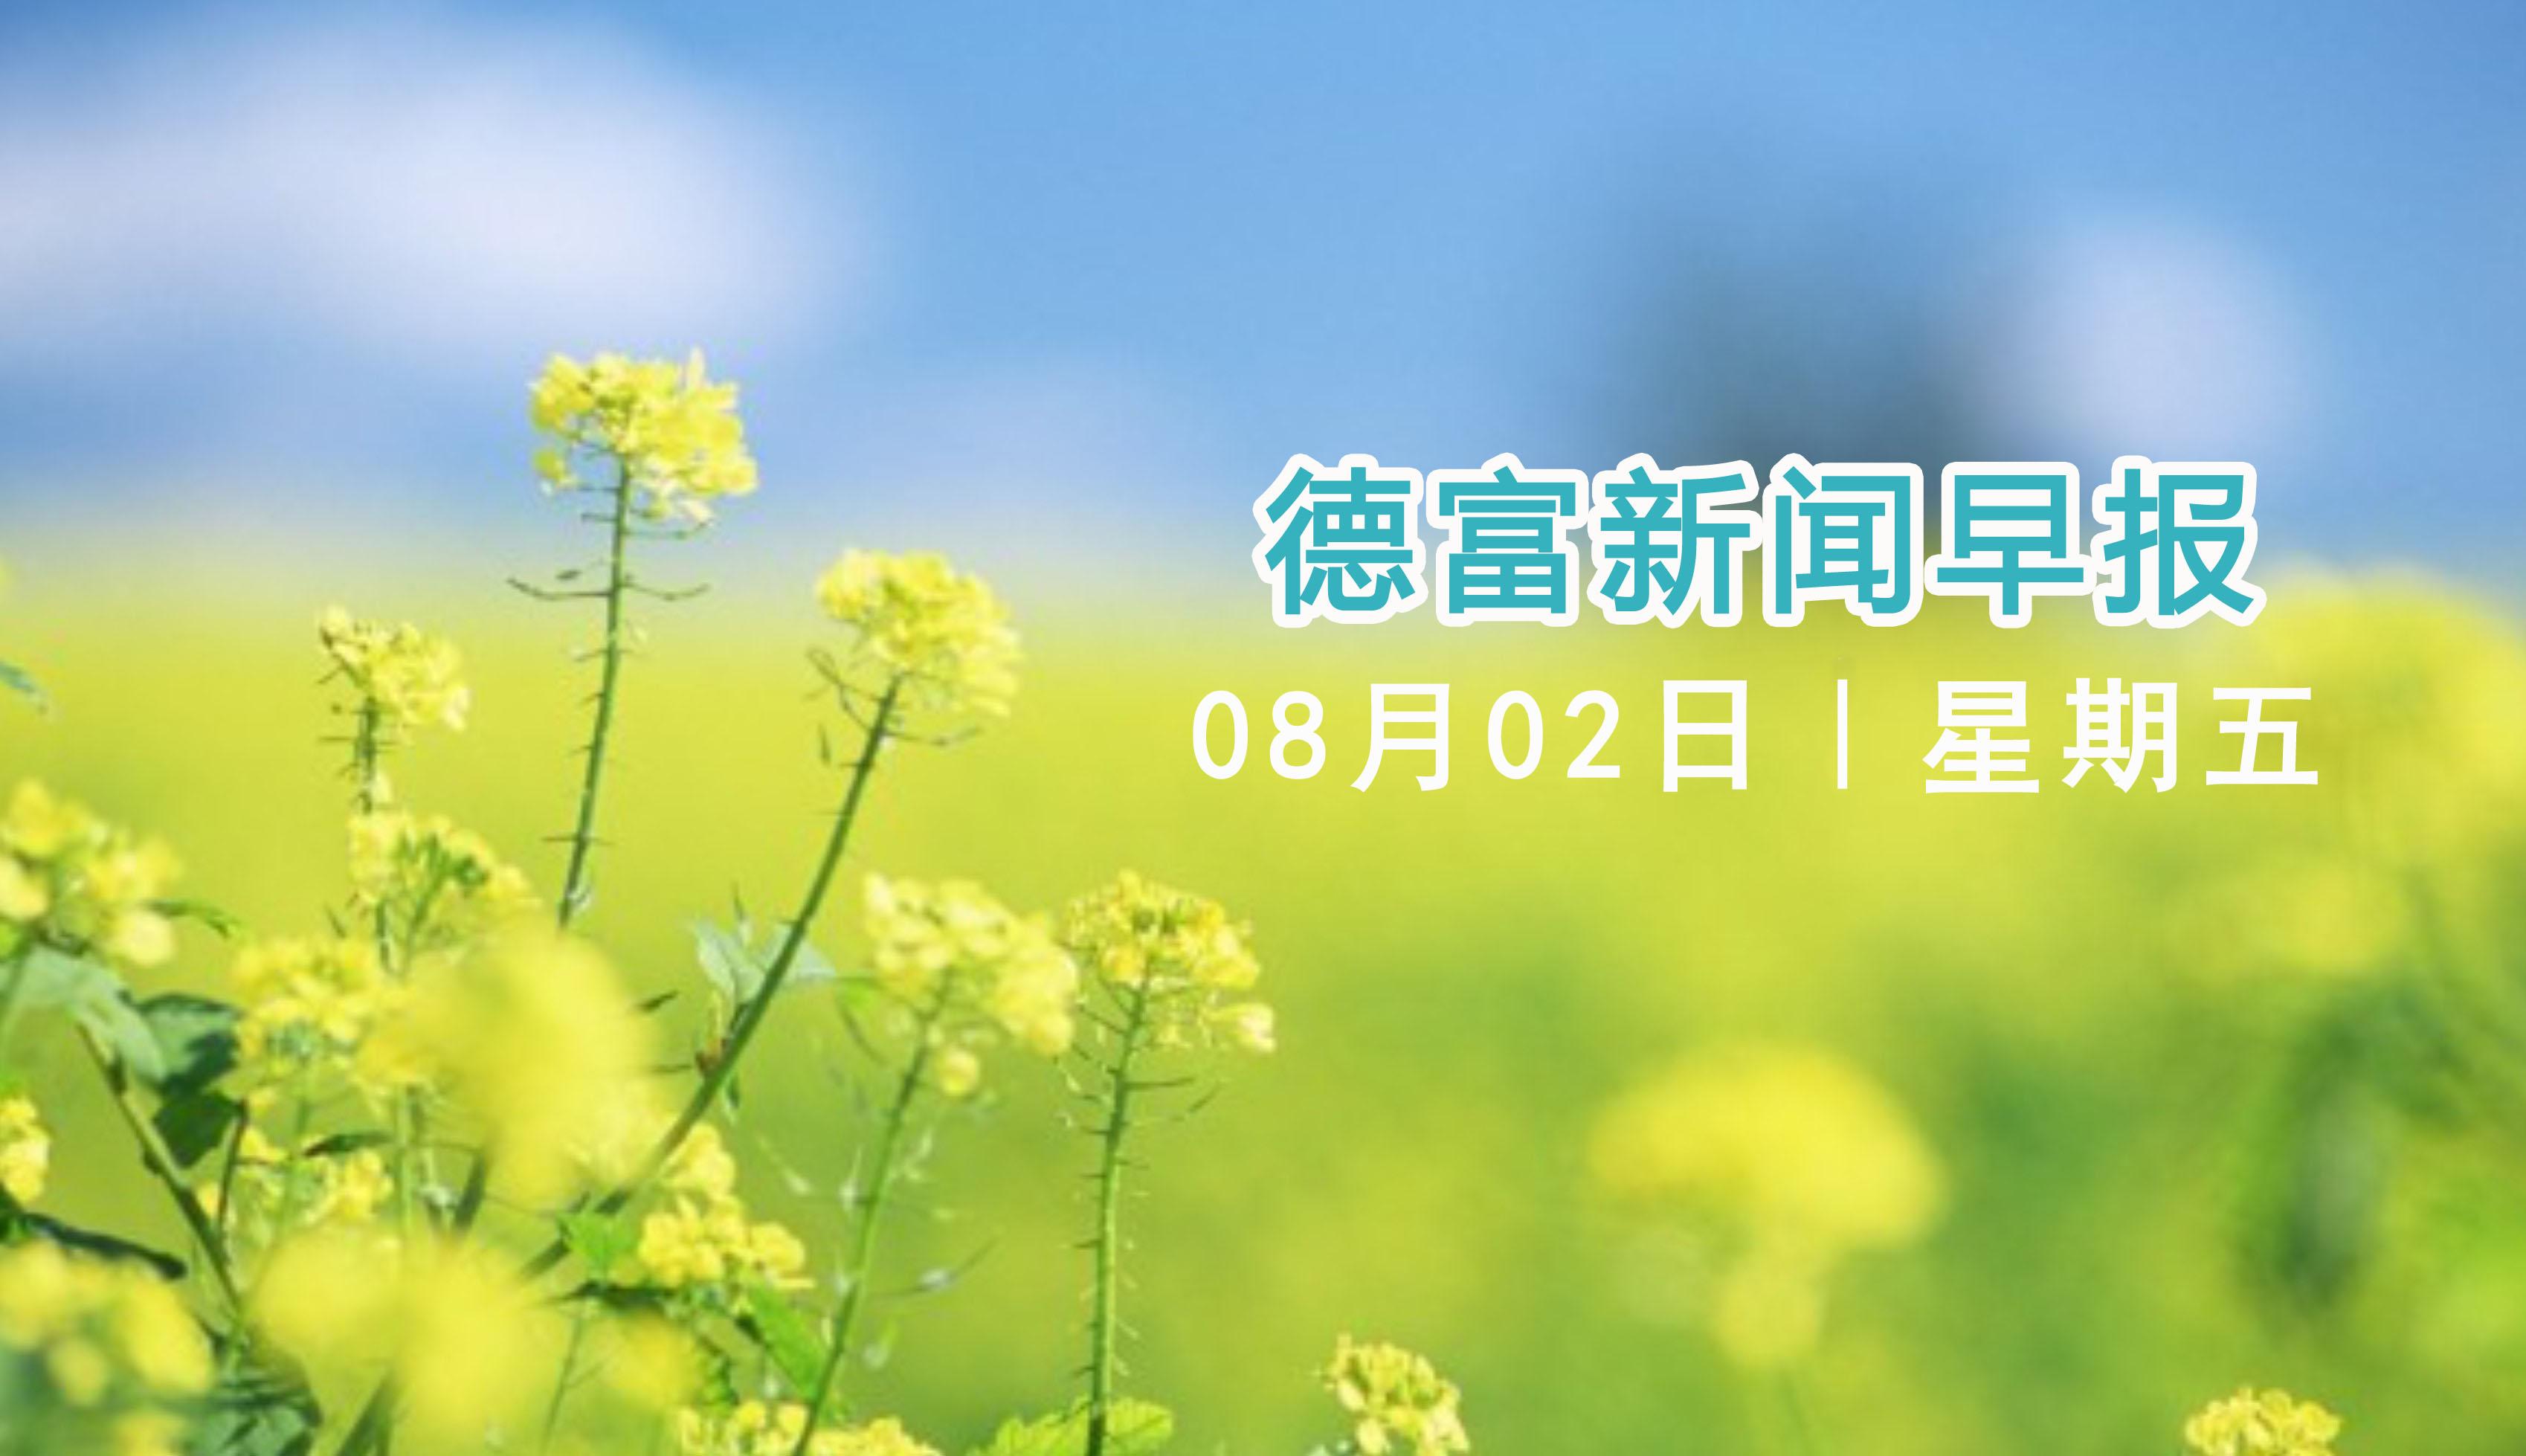 20190802德富新闻早报